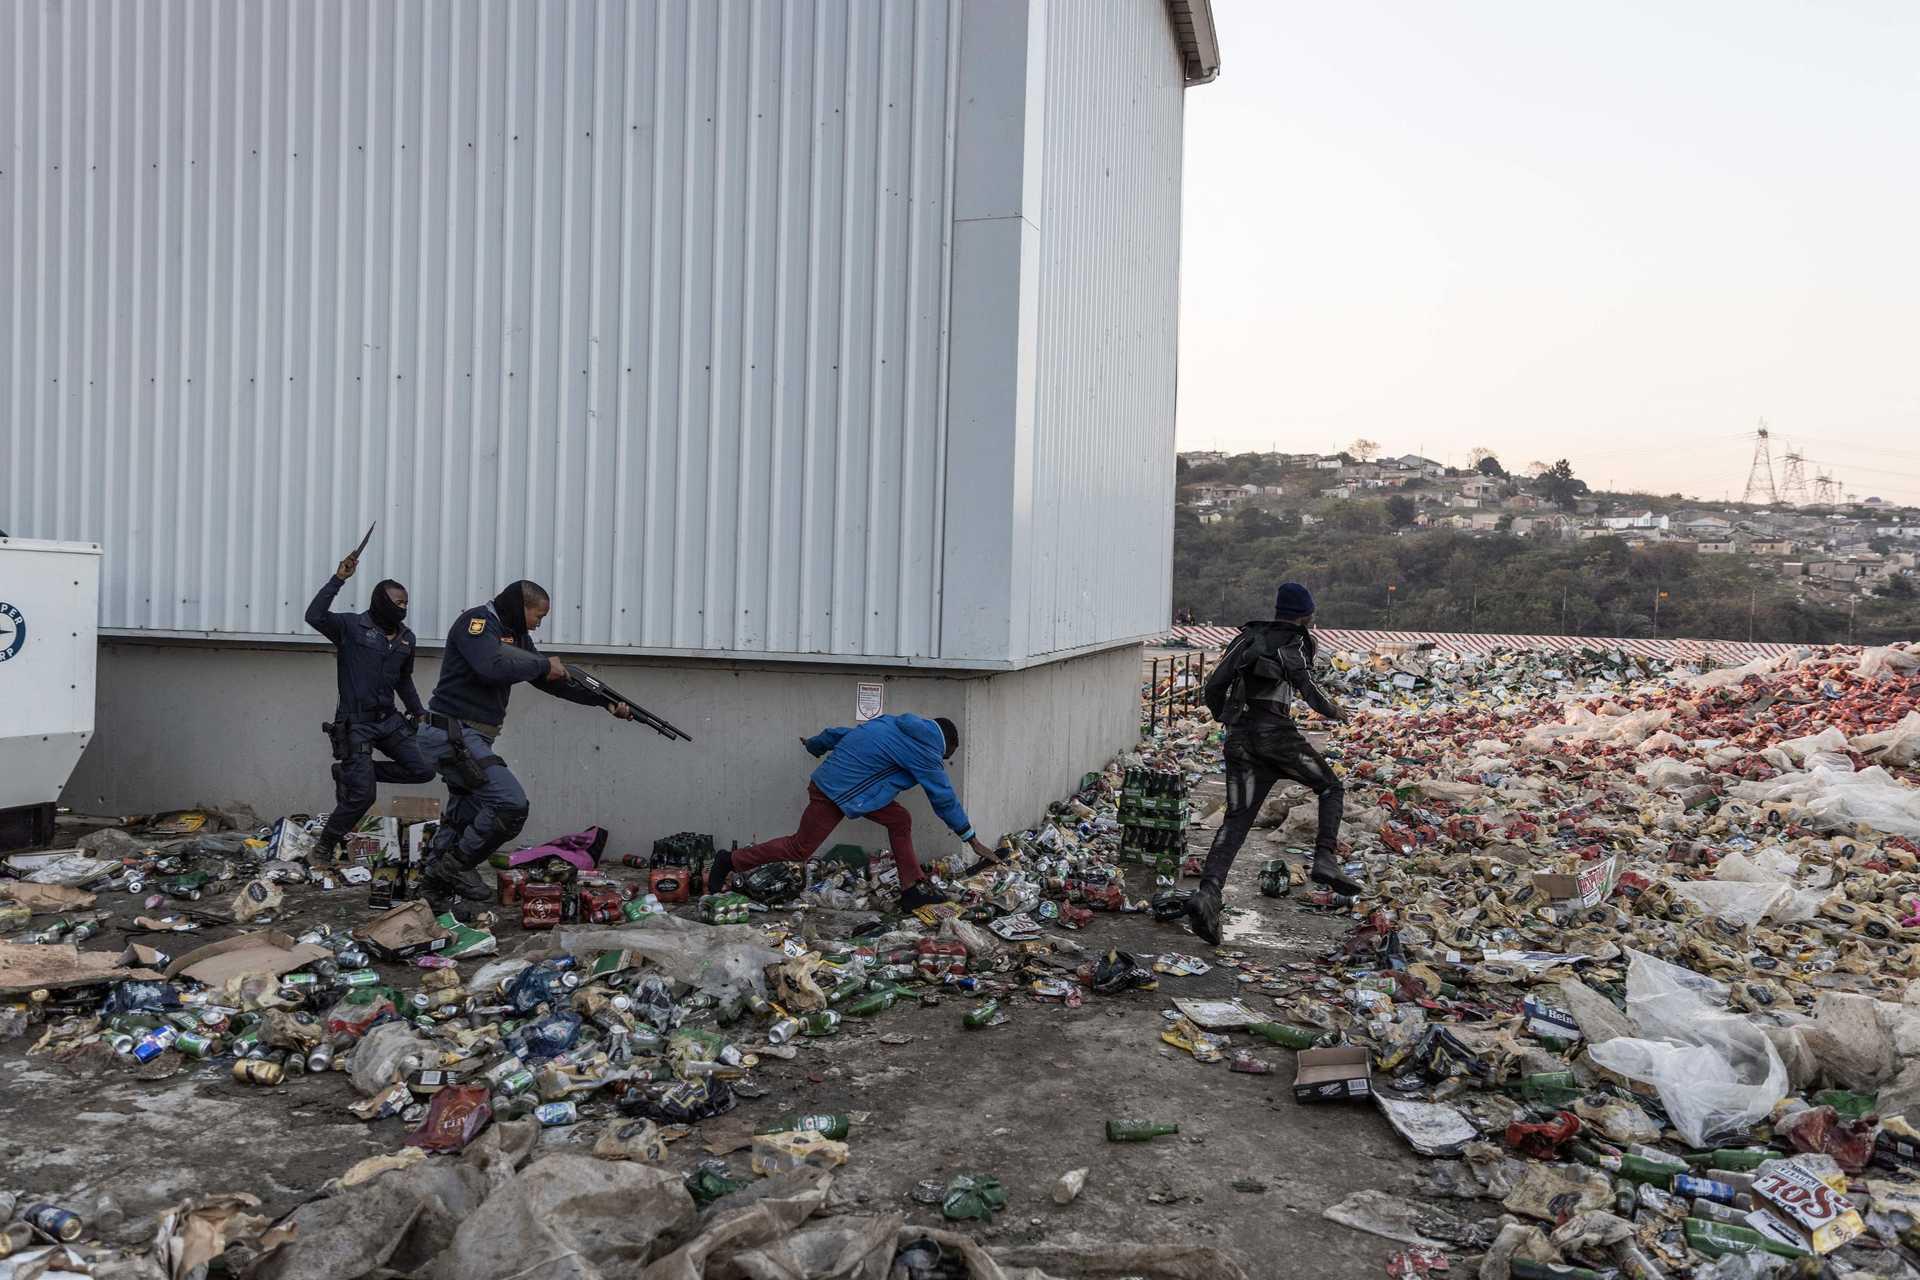 África do Sul: Mais de 3.400 detenções após tumultos e pilhagens